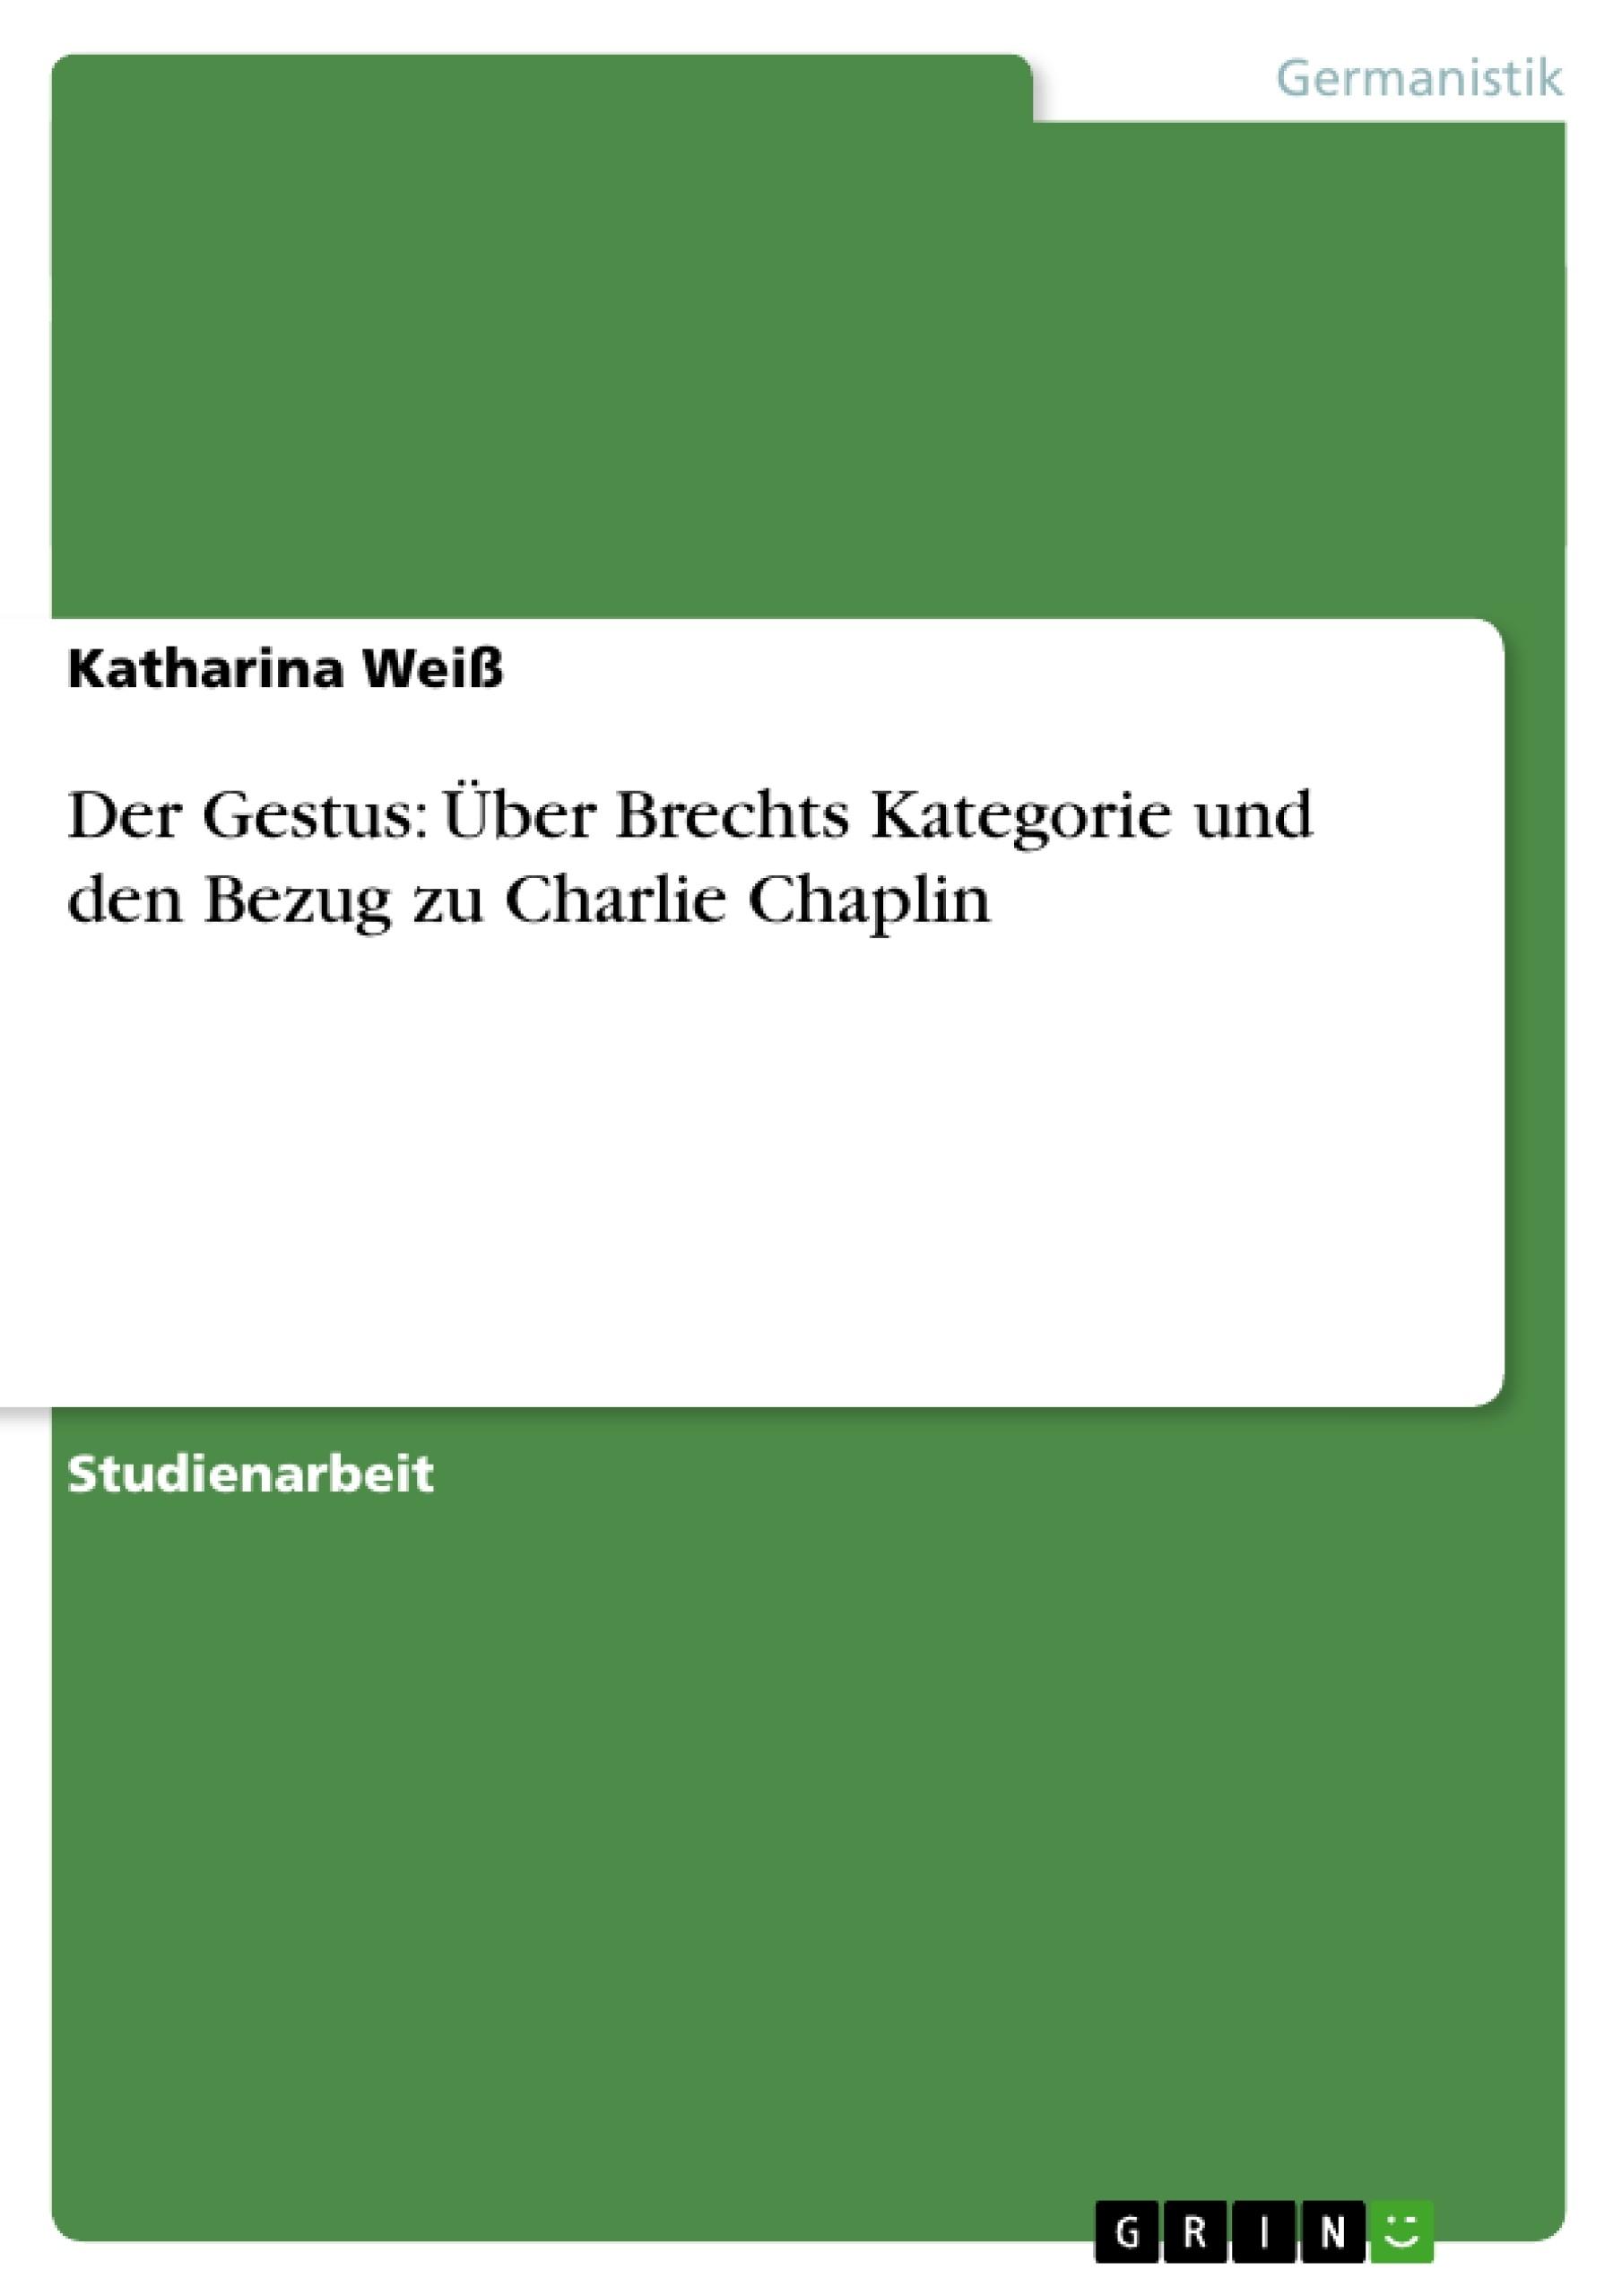 Titel: Der Gestus: Über Brechts Kategorie und den Bezug zu Charlie Chaplin